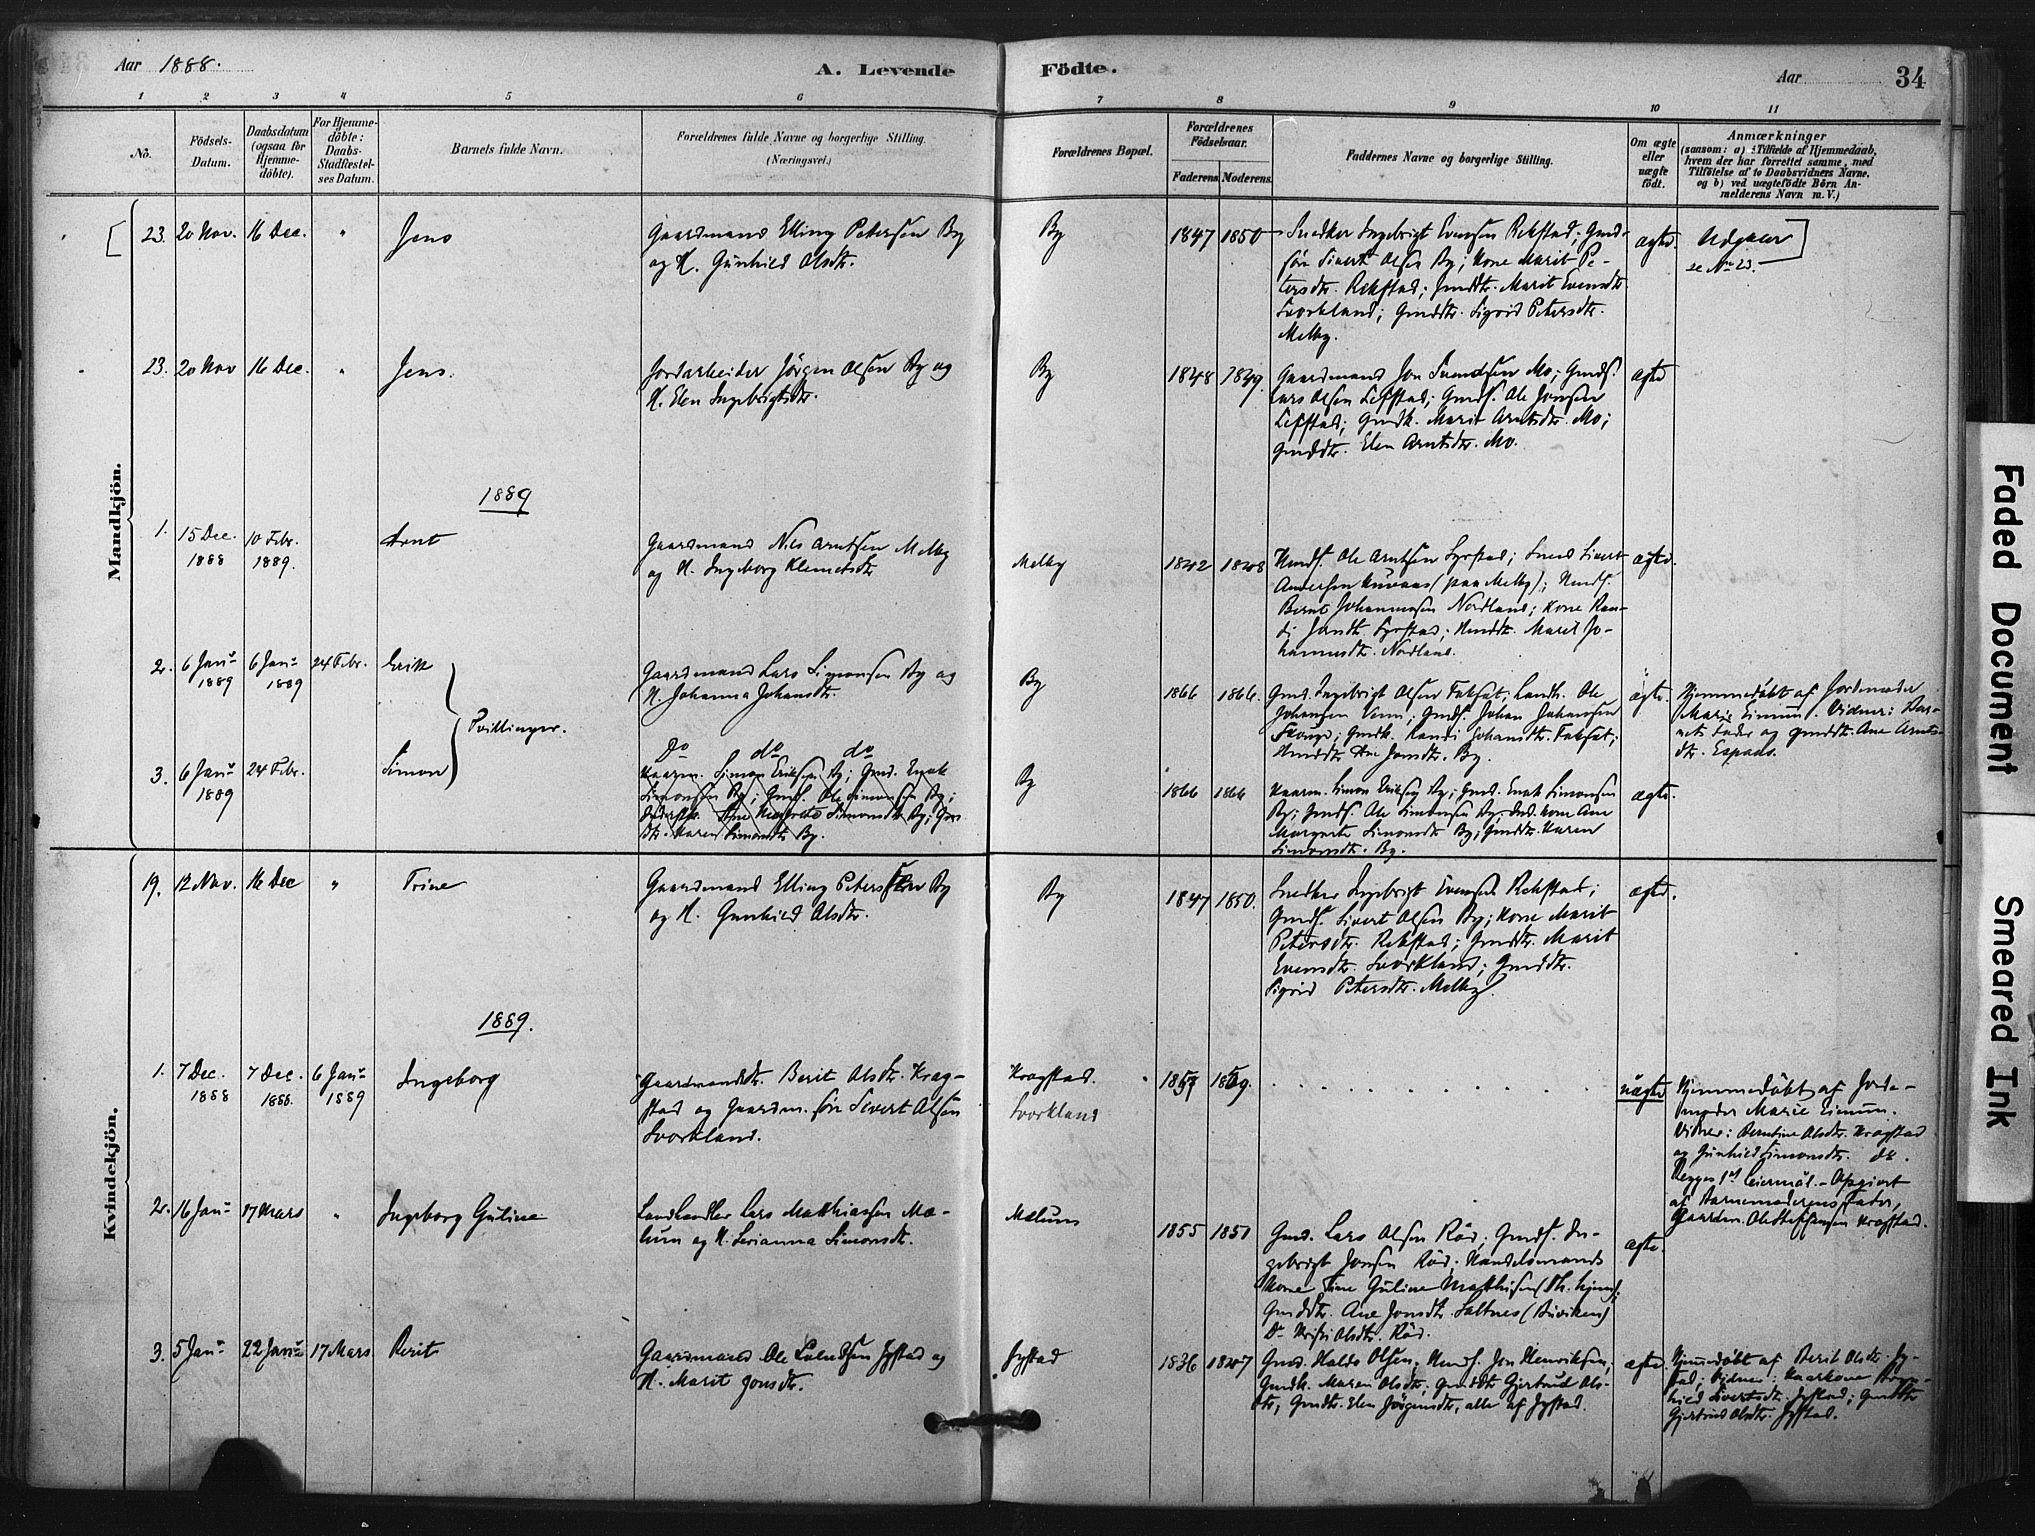 SAT, Ministerialprotokoller, klokkerbøker og fødselsregistre - Sør-Trøndelag, 667/L0795: Ministerialbok nr. 667A03, 1879-1907, s. 34